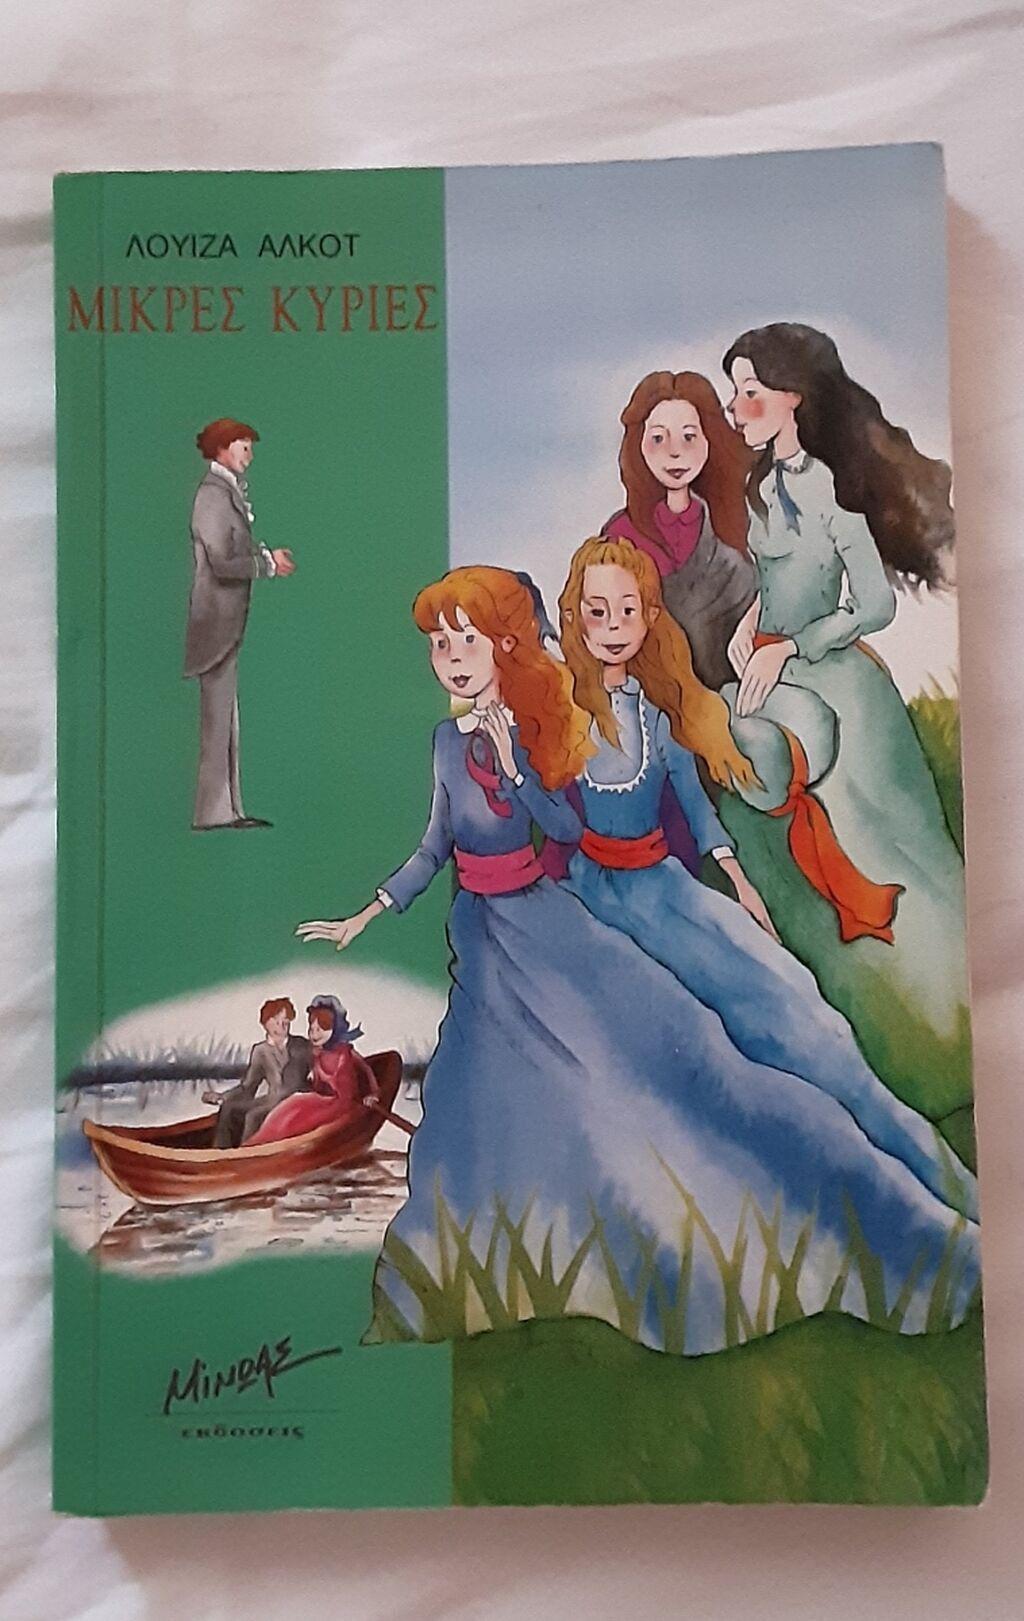 Βιβλία, περιοδικά, CDs, DVDs - Καματερó: Οι μικρές κυρίες της Λουίζα Άλκοτ (παιδικό βιβλίο)